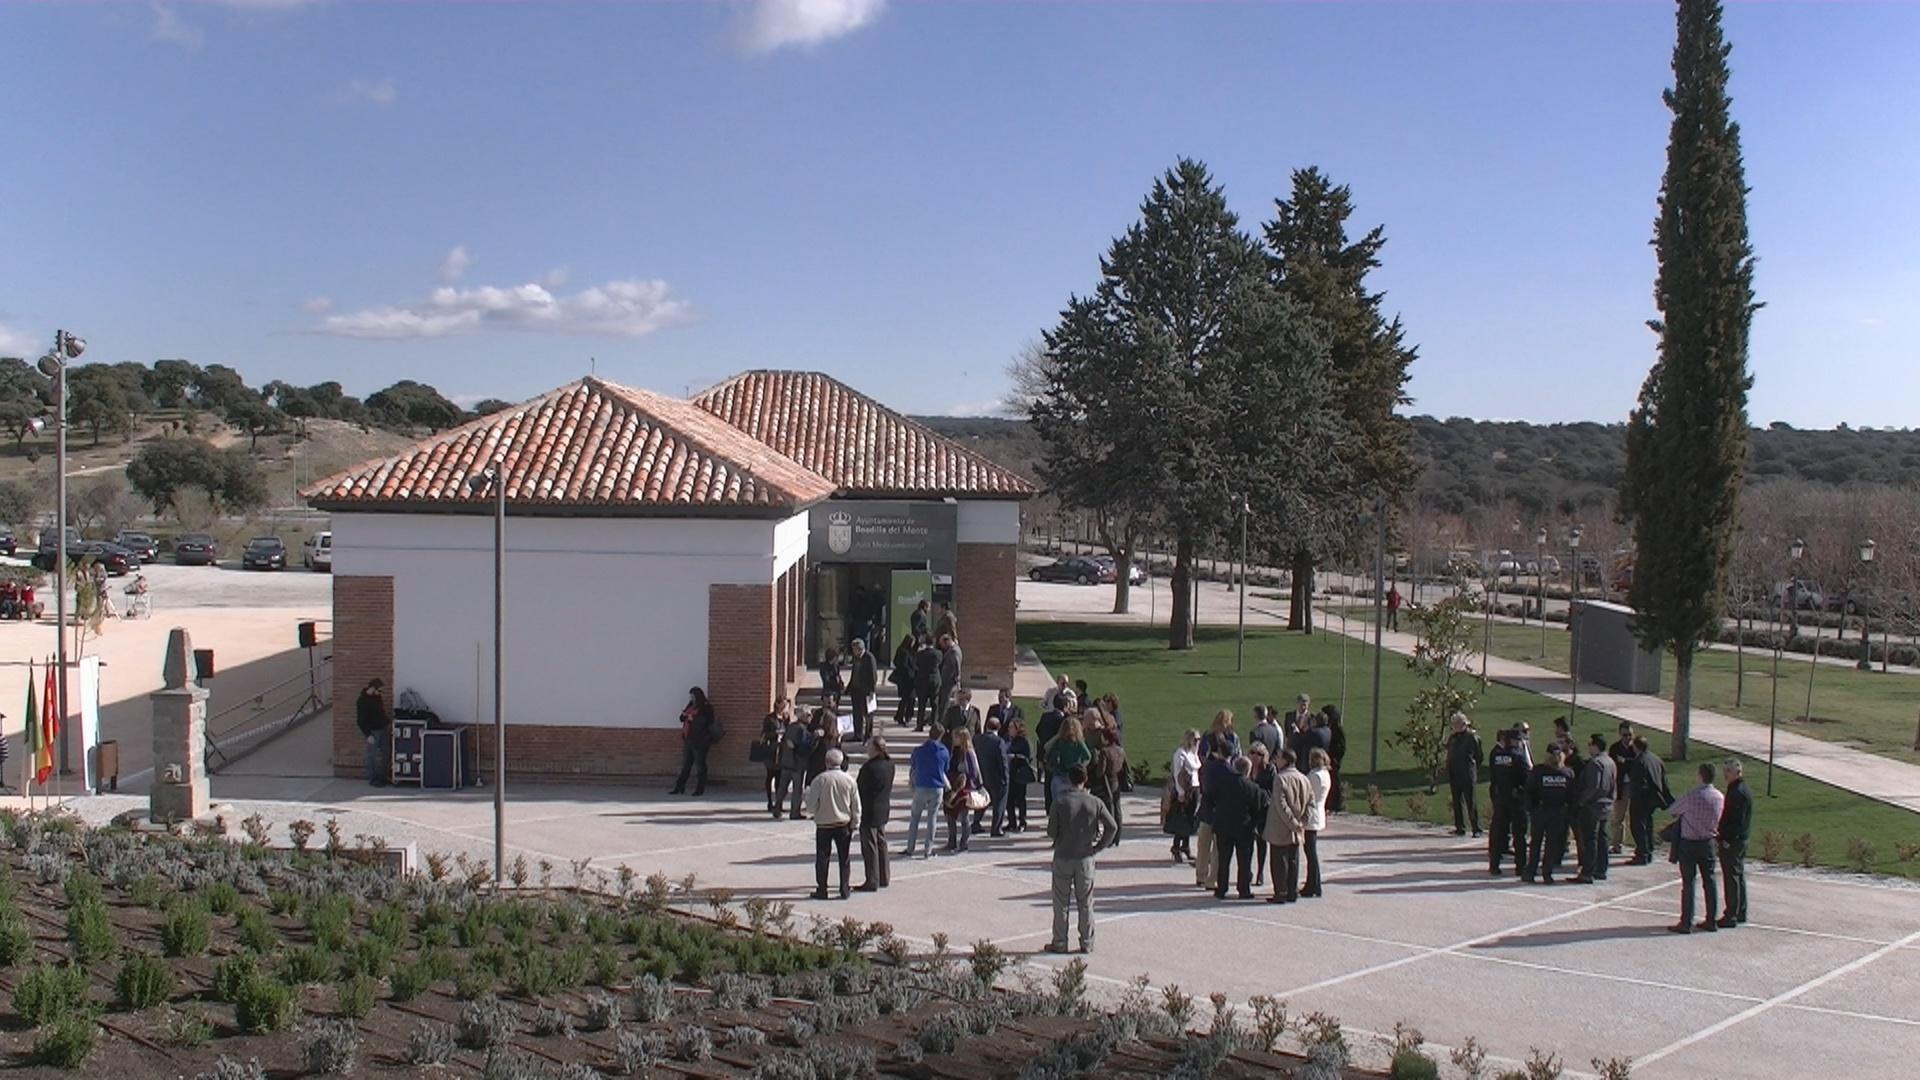 Curso para la preparación del huerto de invierno @ Aula Medioambiental Boadilla del Monte | Boadilla del Monte | Comunidad de Madrid | España